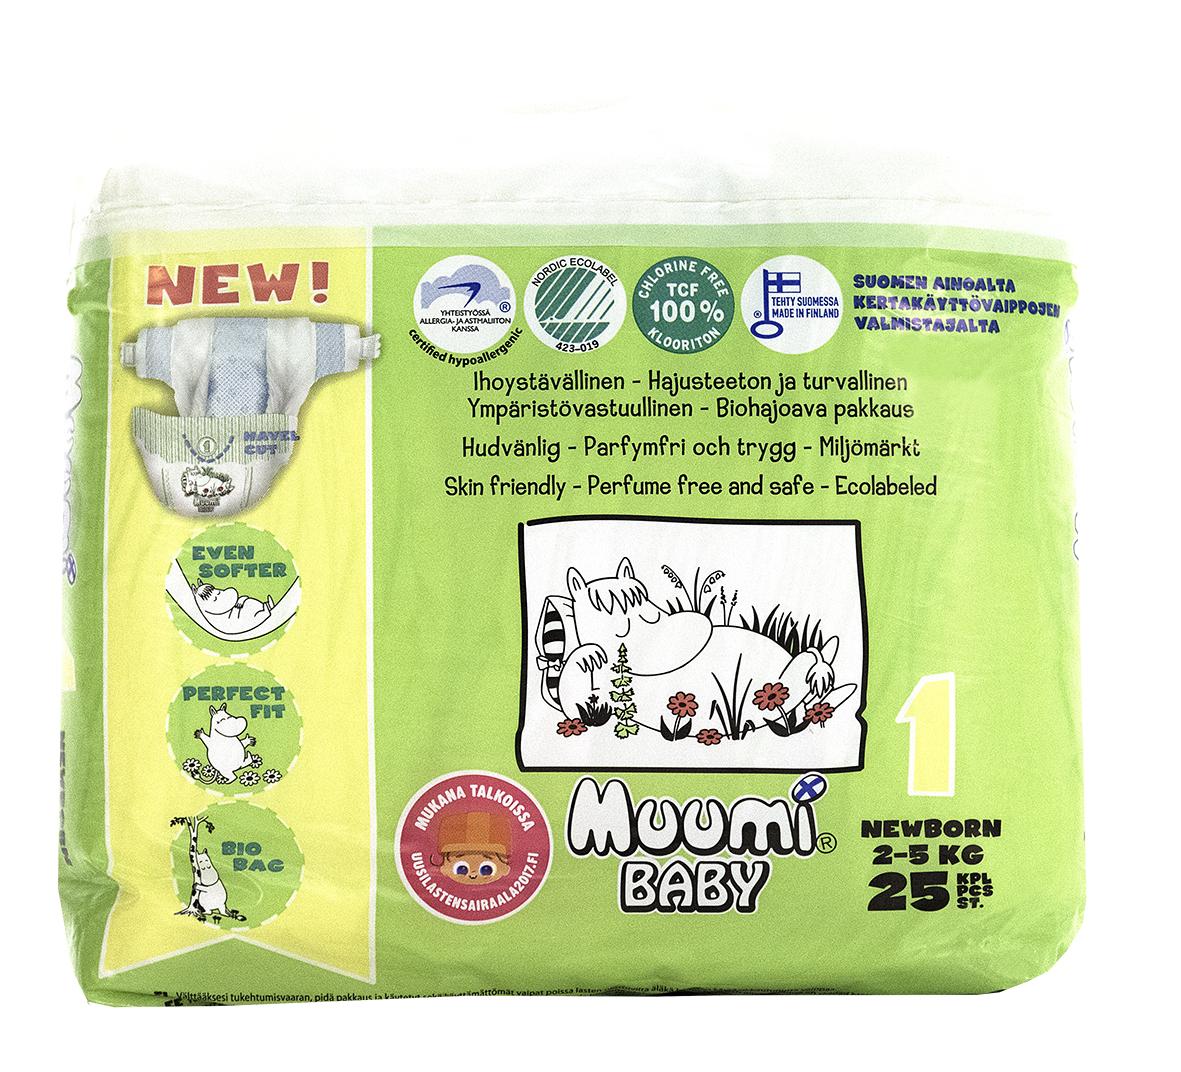 Muumi Подгузники Бейби Ньюборн 1, 2-5 кг, 25 шт58705Подгузники Muumi - это 100% биоразлагающиеся одноразовые гипоаллергенные подгузники, обладающие хорошей впитываемостью. Подгузники без ароматизации, очищены кислородом, без хлора. Не содержат оптических осветлителей, латекса, формальдегида и фталатов. Впитывающий слой состоит из полностью биоразлагающейся, бесхлорной финской целлюлозы. Дерматологически тестированы.